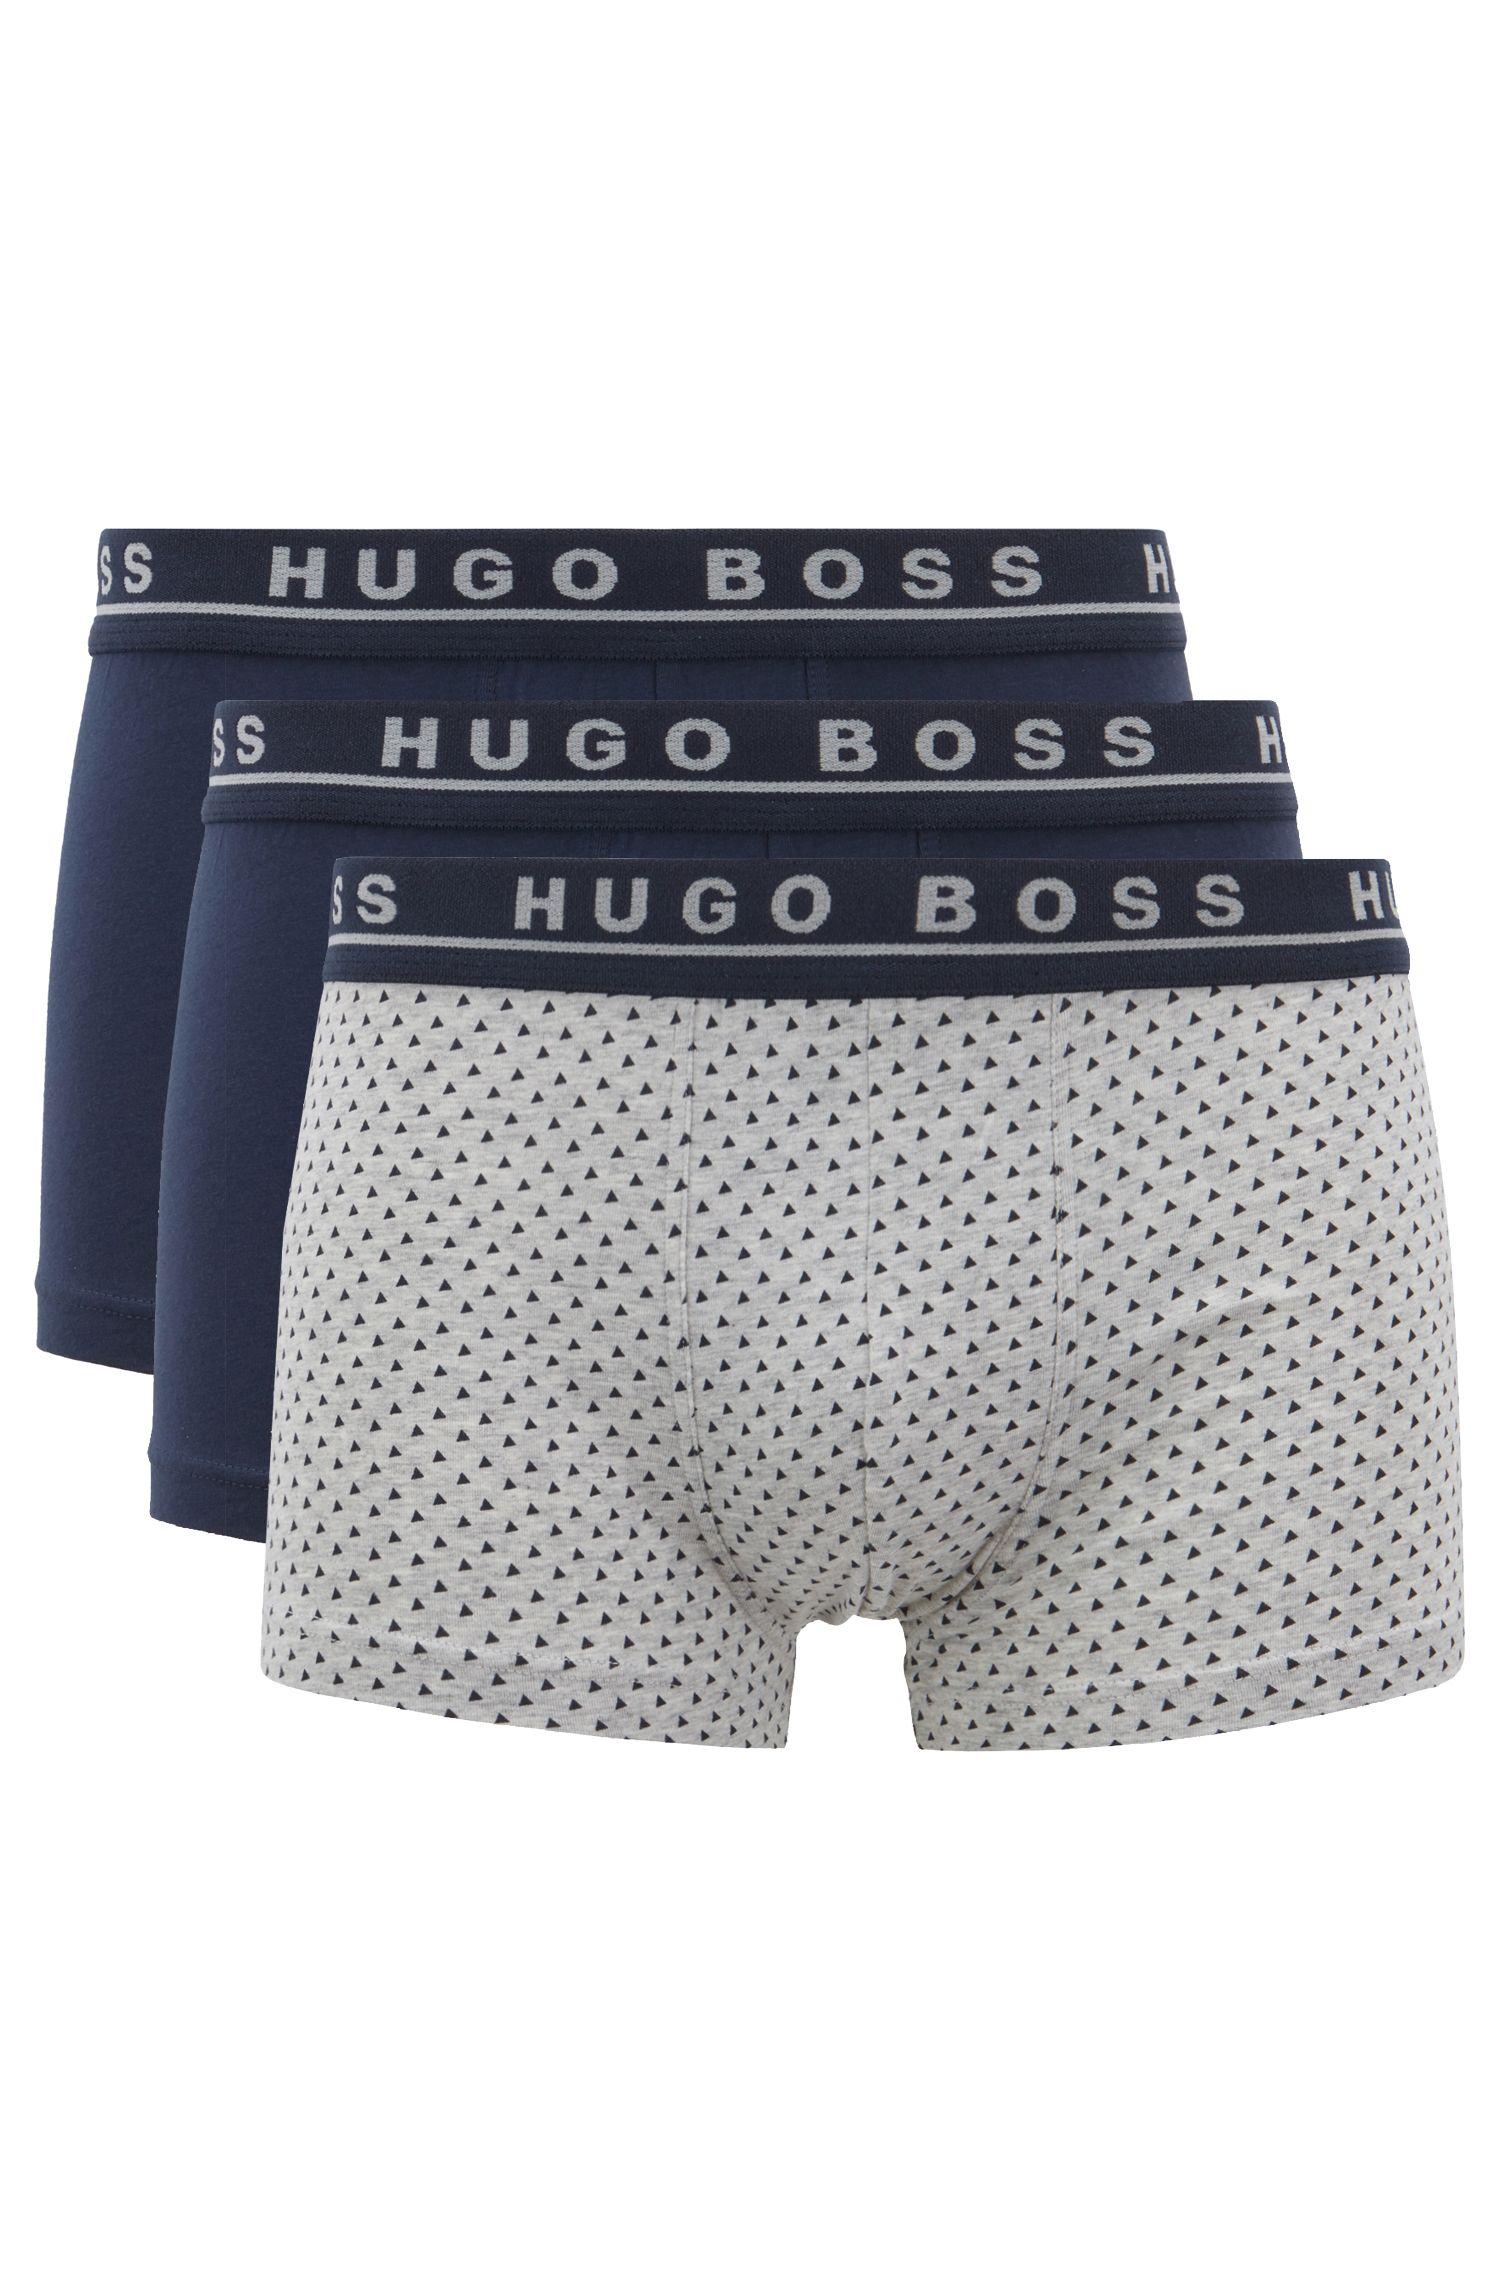 Lot de trois boxers courts en coton stretch, avec taille logo, Fantaisie